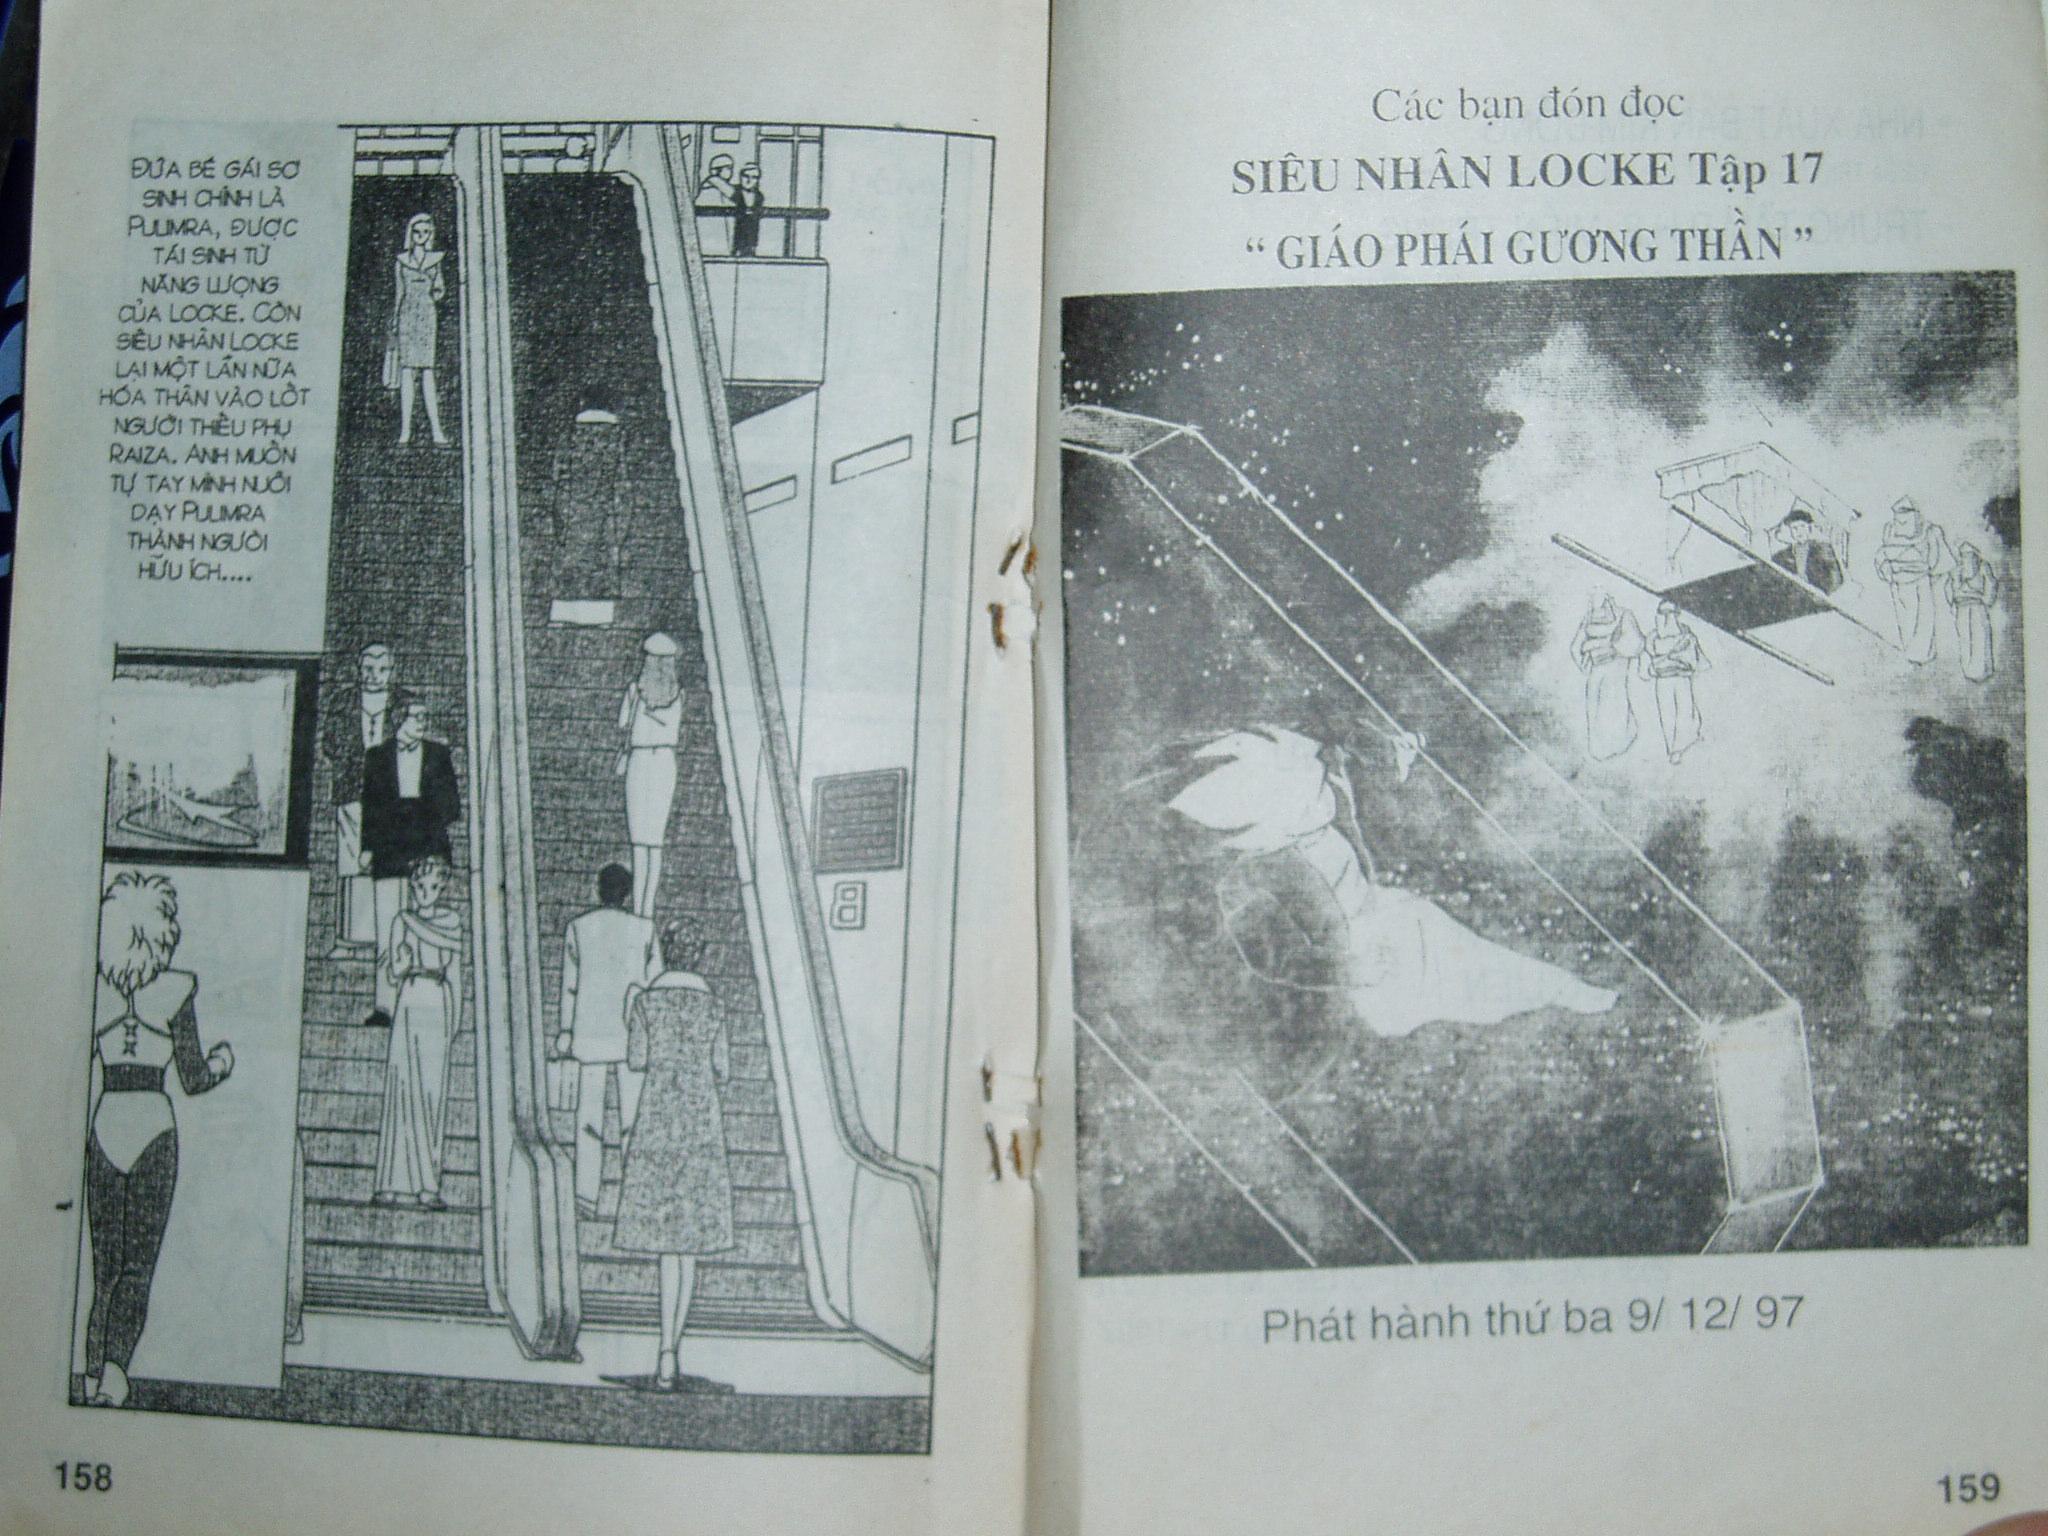 Siêu nhân Locke vol 16 trang 77